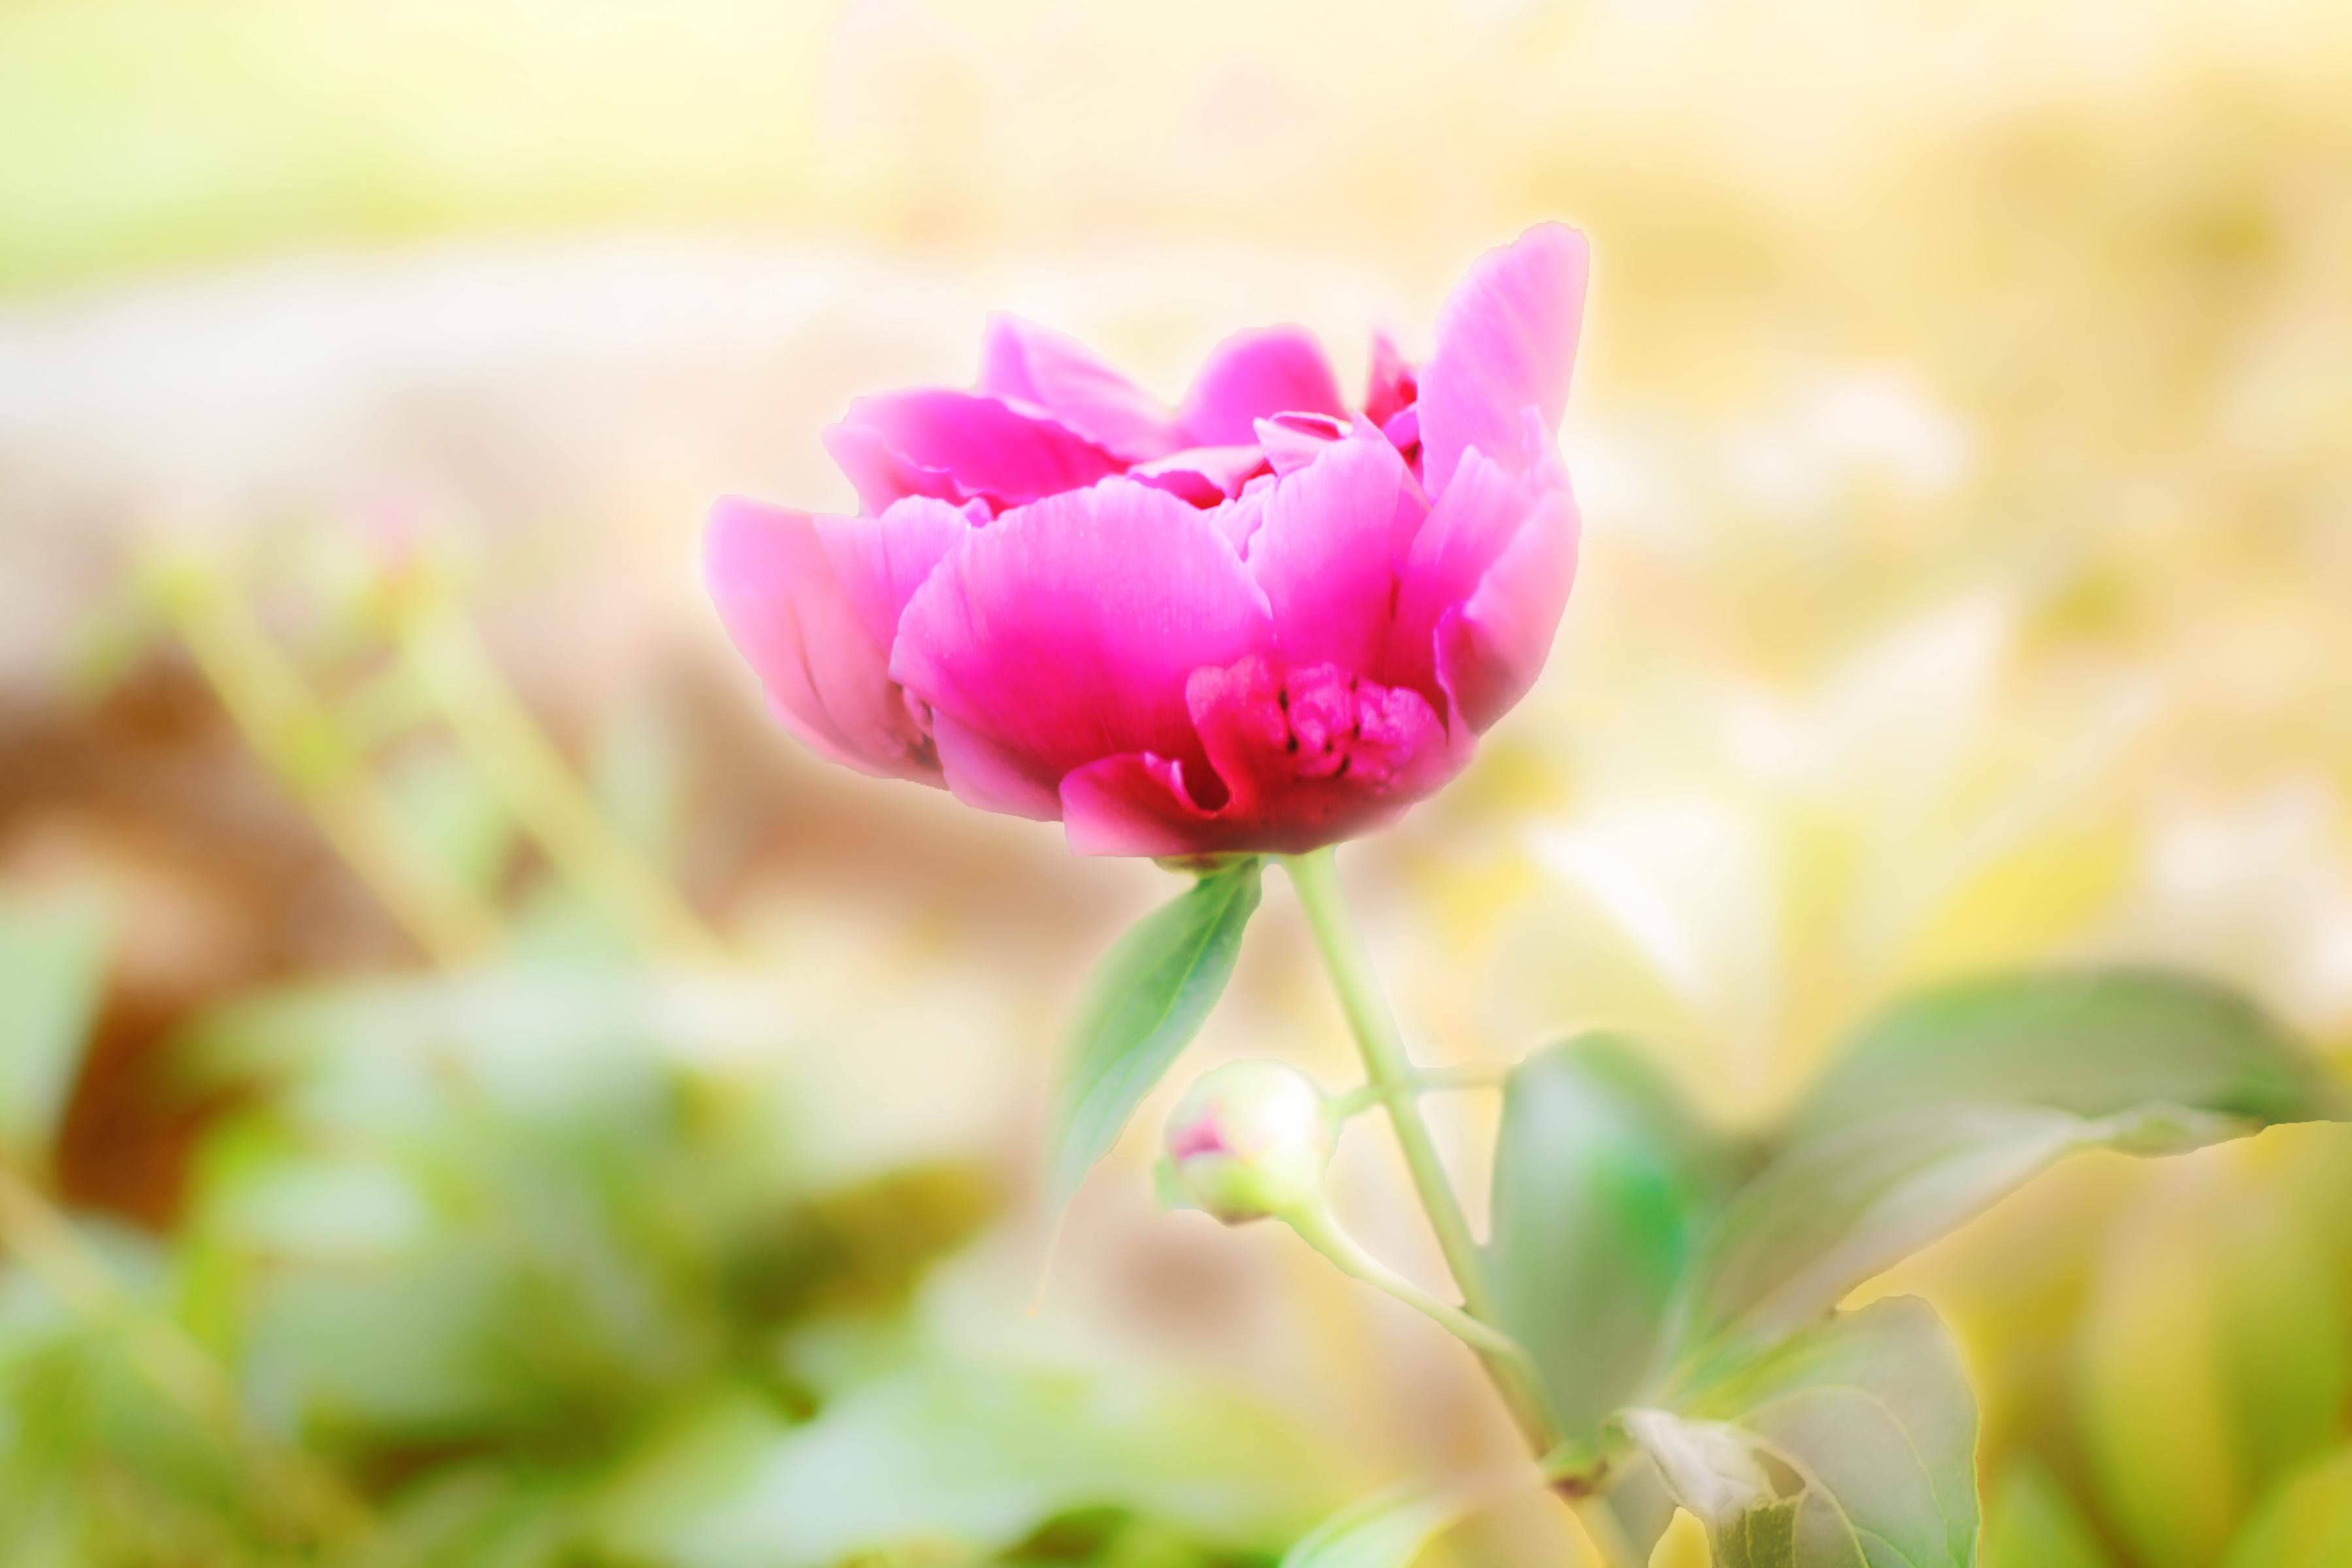 https://0901.nccdn.net/4_2/000/000/086/26f/zen-garden-2b-8x12.jpg